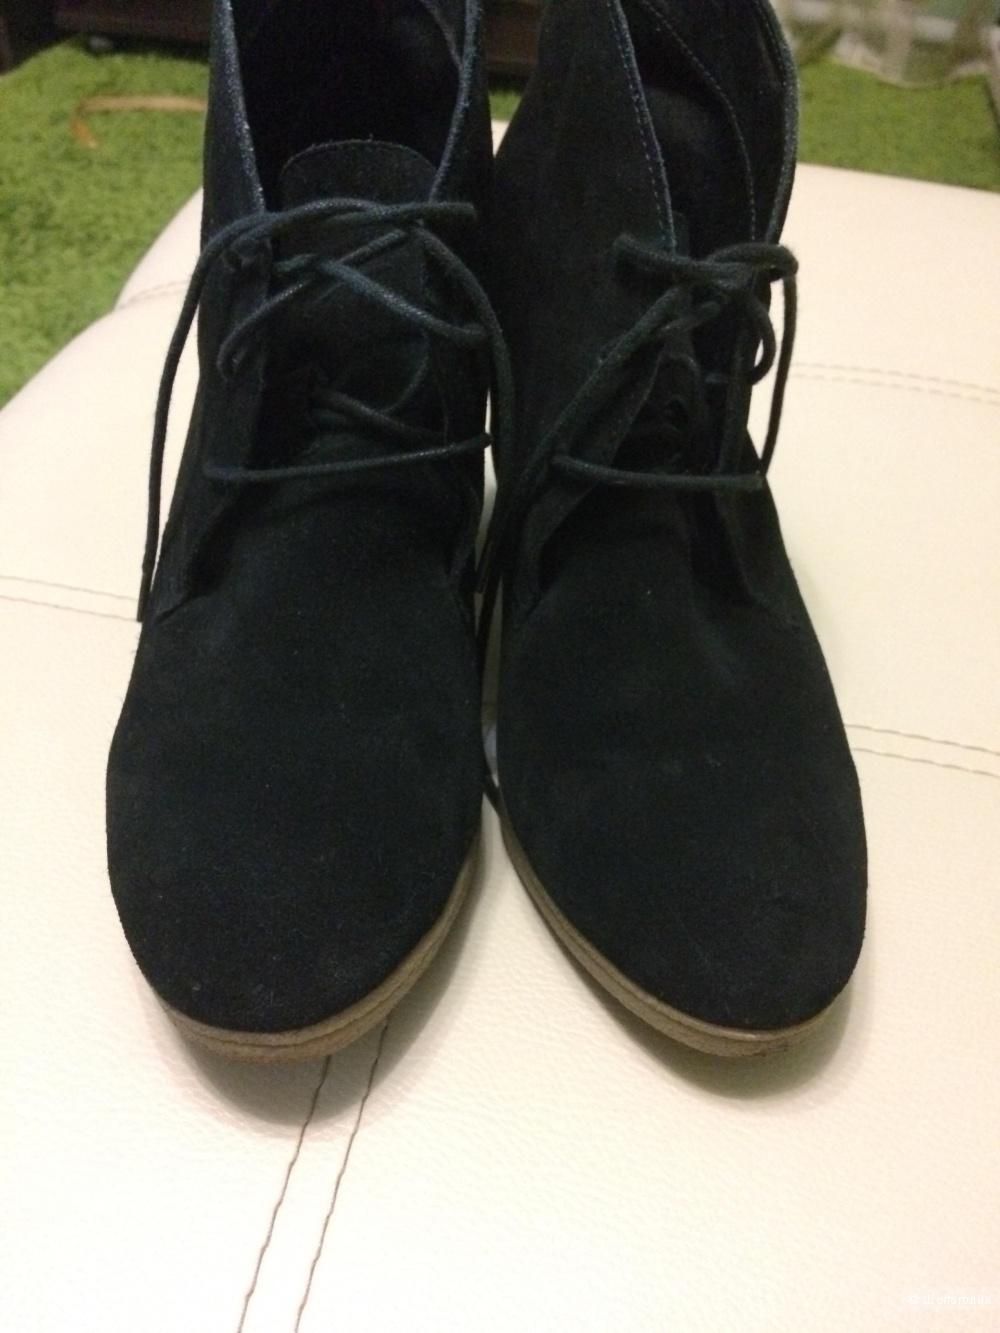 Ботинки черные замшевые 41-42 размер